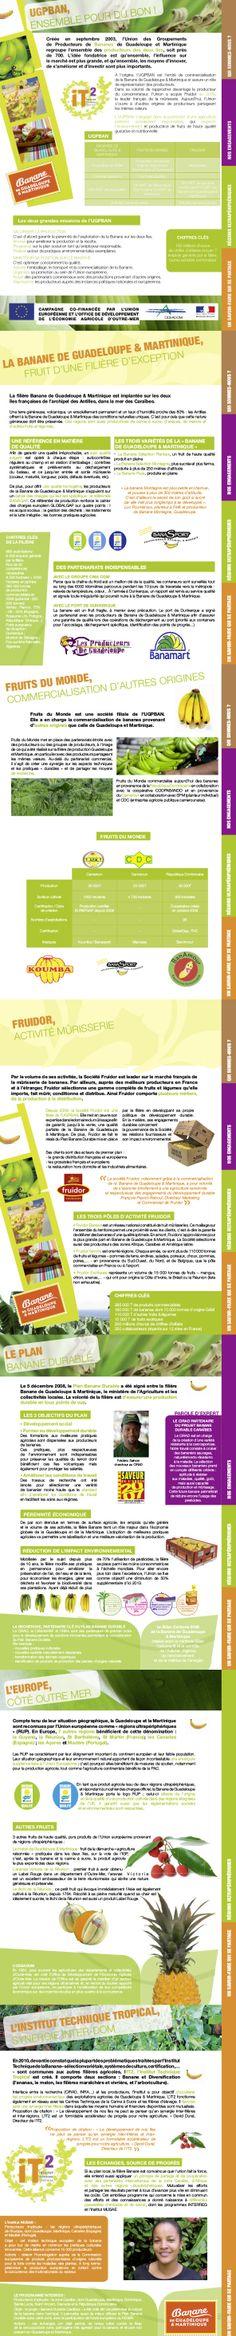 Fiches sur les bananes de Guadeloupe & Martinique réalisée en cours de PAO.